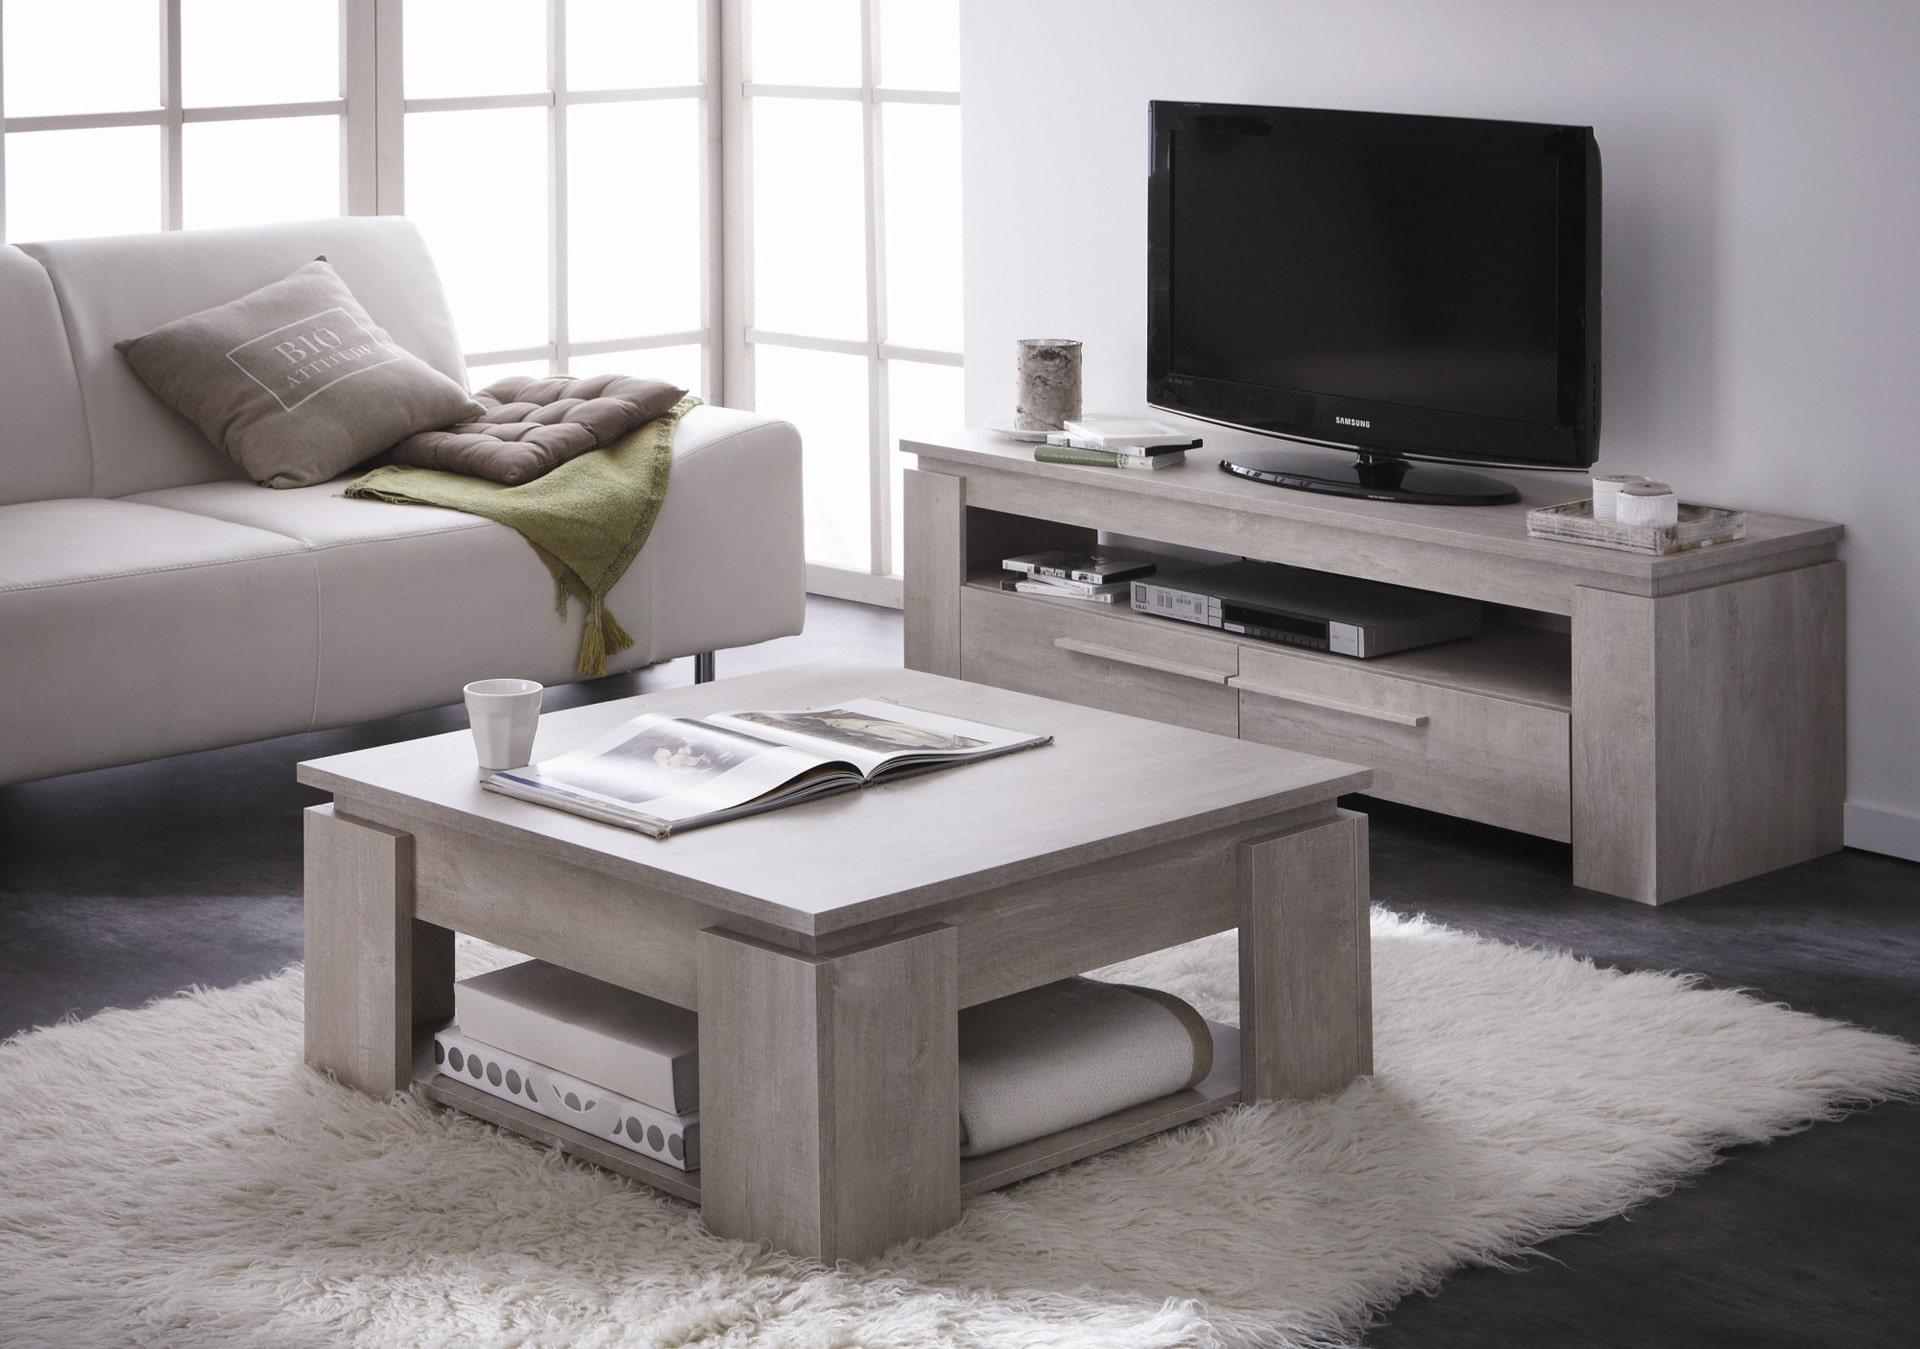 comment bien choisir son meuble tv blog matelpro mobiliers pour particuliers et professionnels. Black Bedroom Furniture Sets. Home Design Ideas